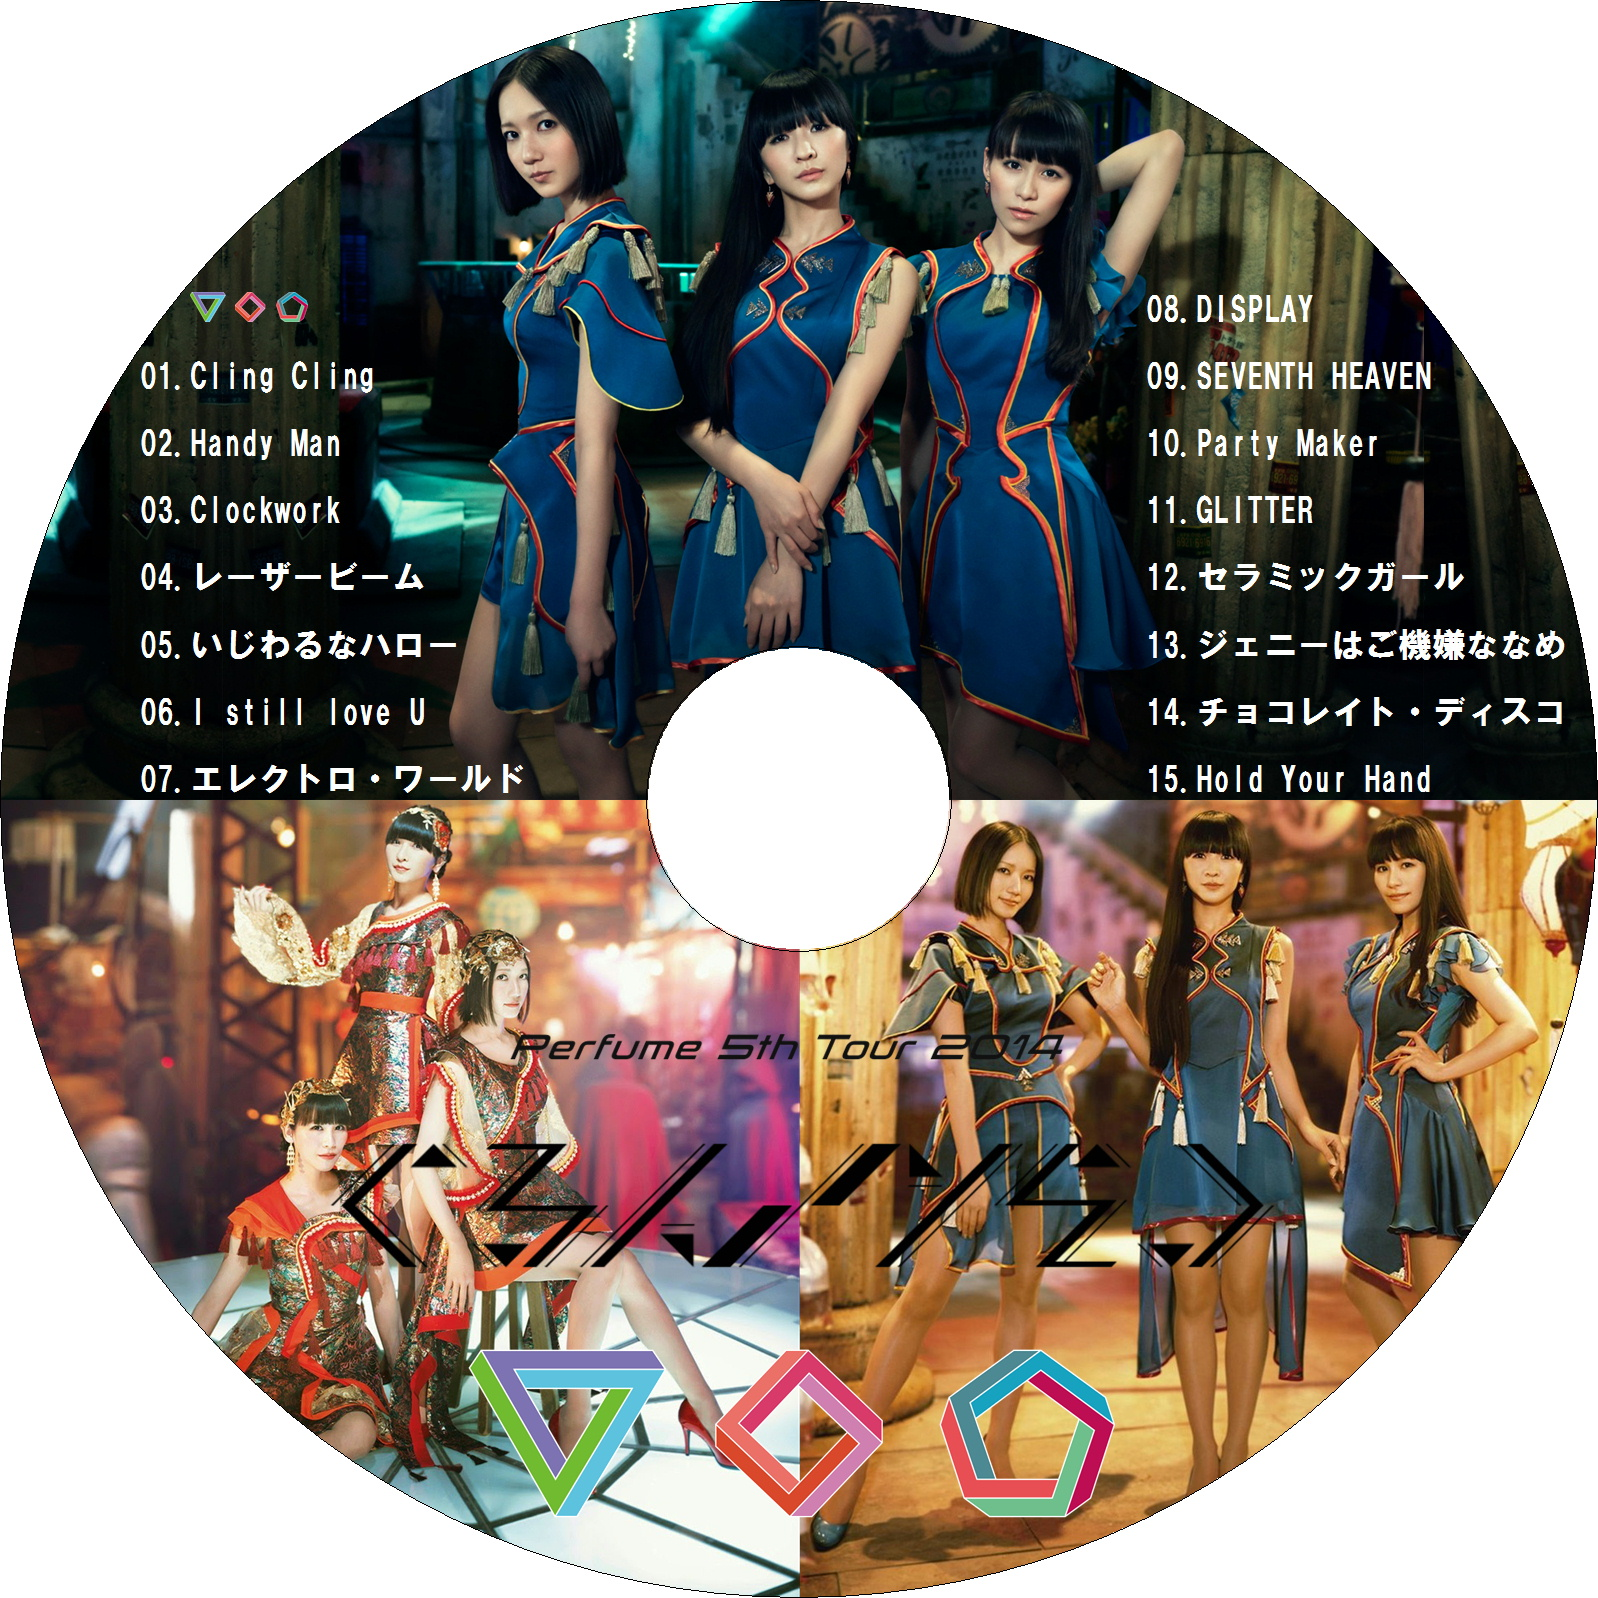 Perfume 5th Tour 2014「ぐるんぐるん」 ラベル